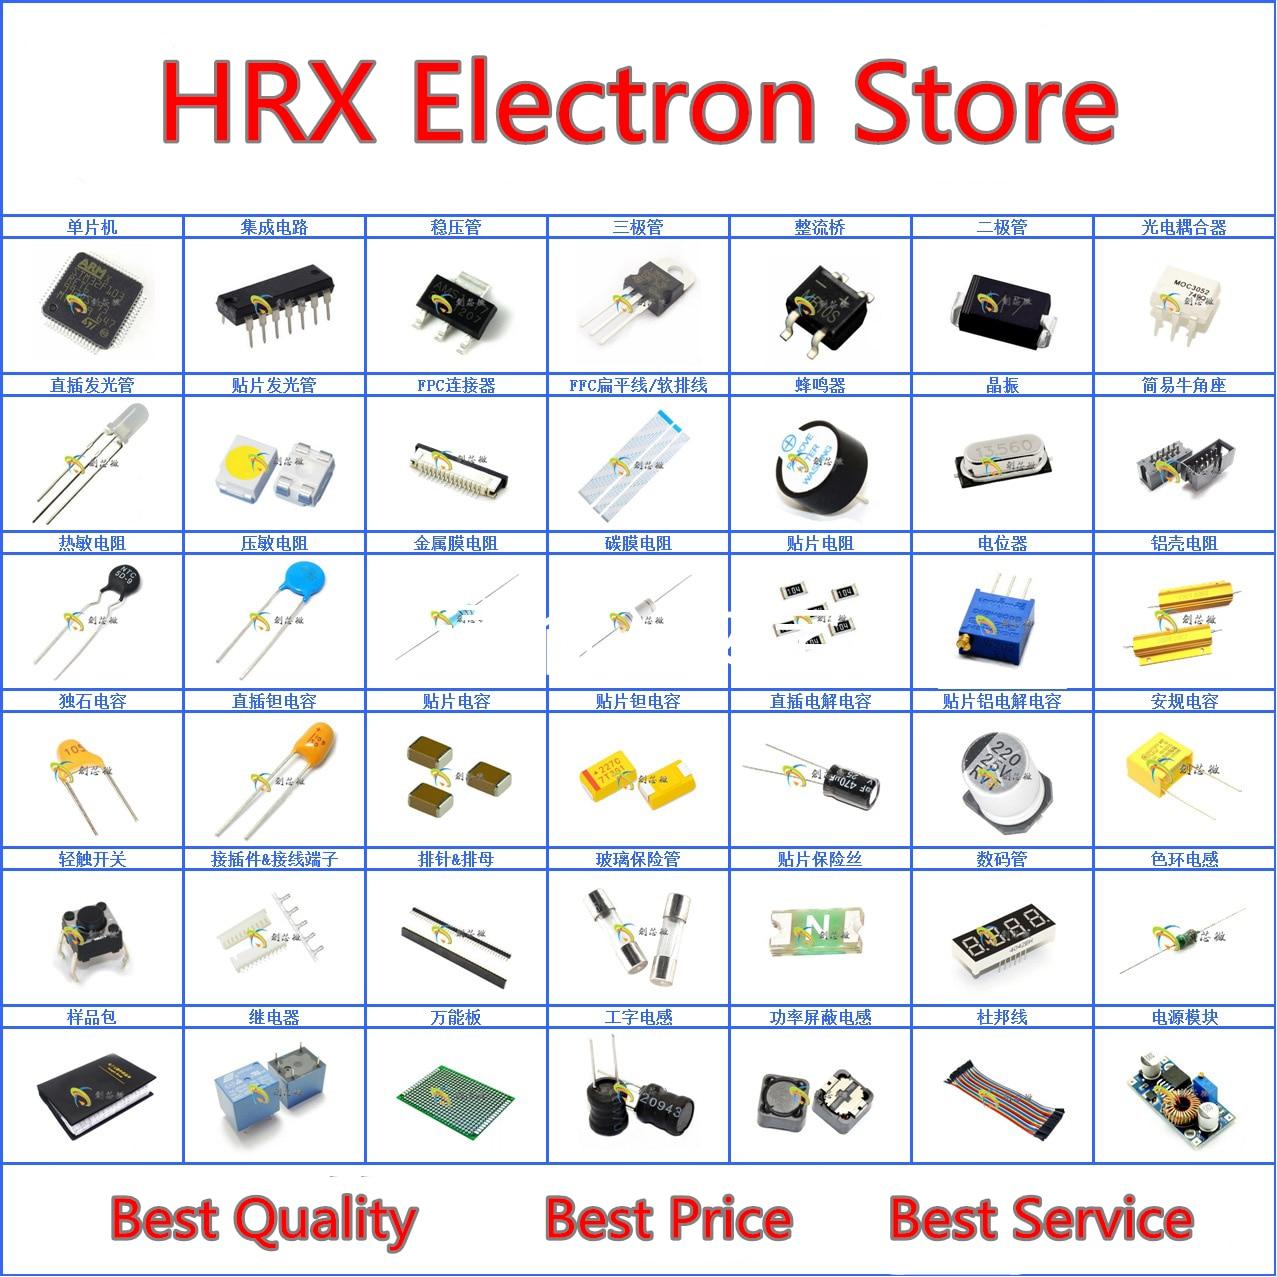 Предложение BOM, предоставление одной остановки покупок для электронных компонентов (сначала проконсультируйтесь с ценой модели, а затем ра